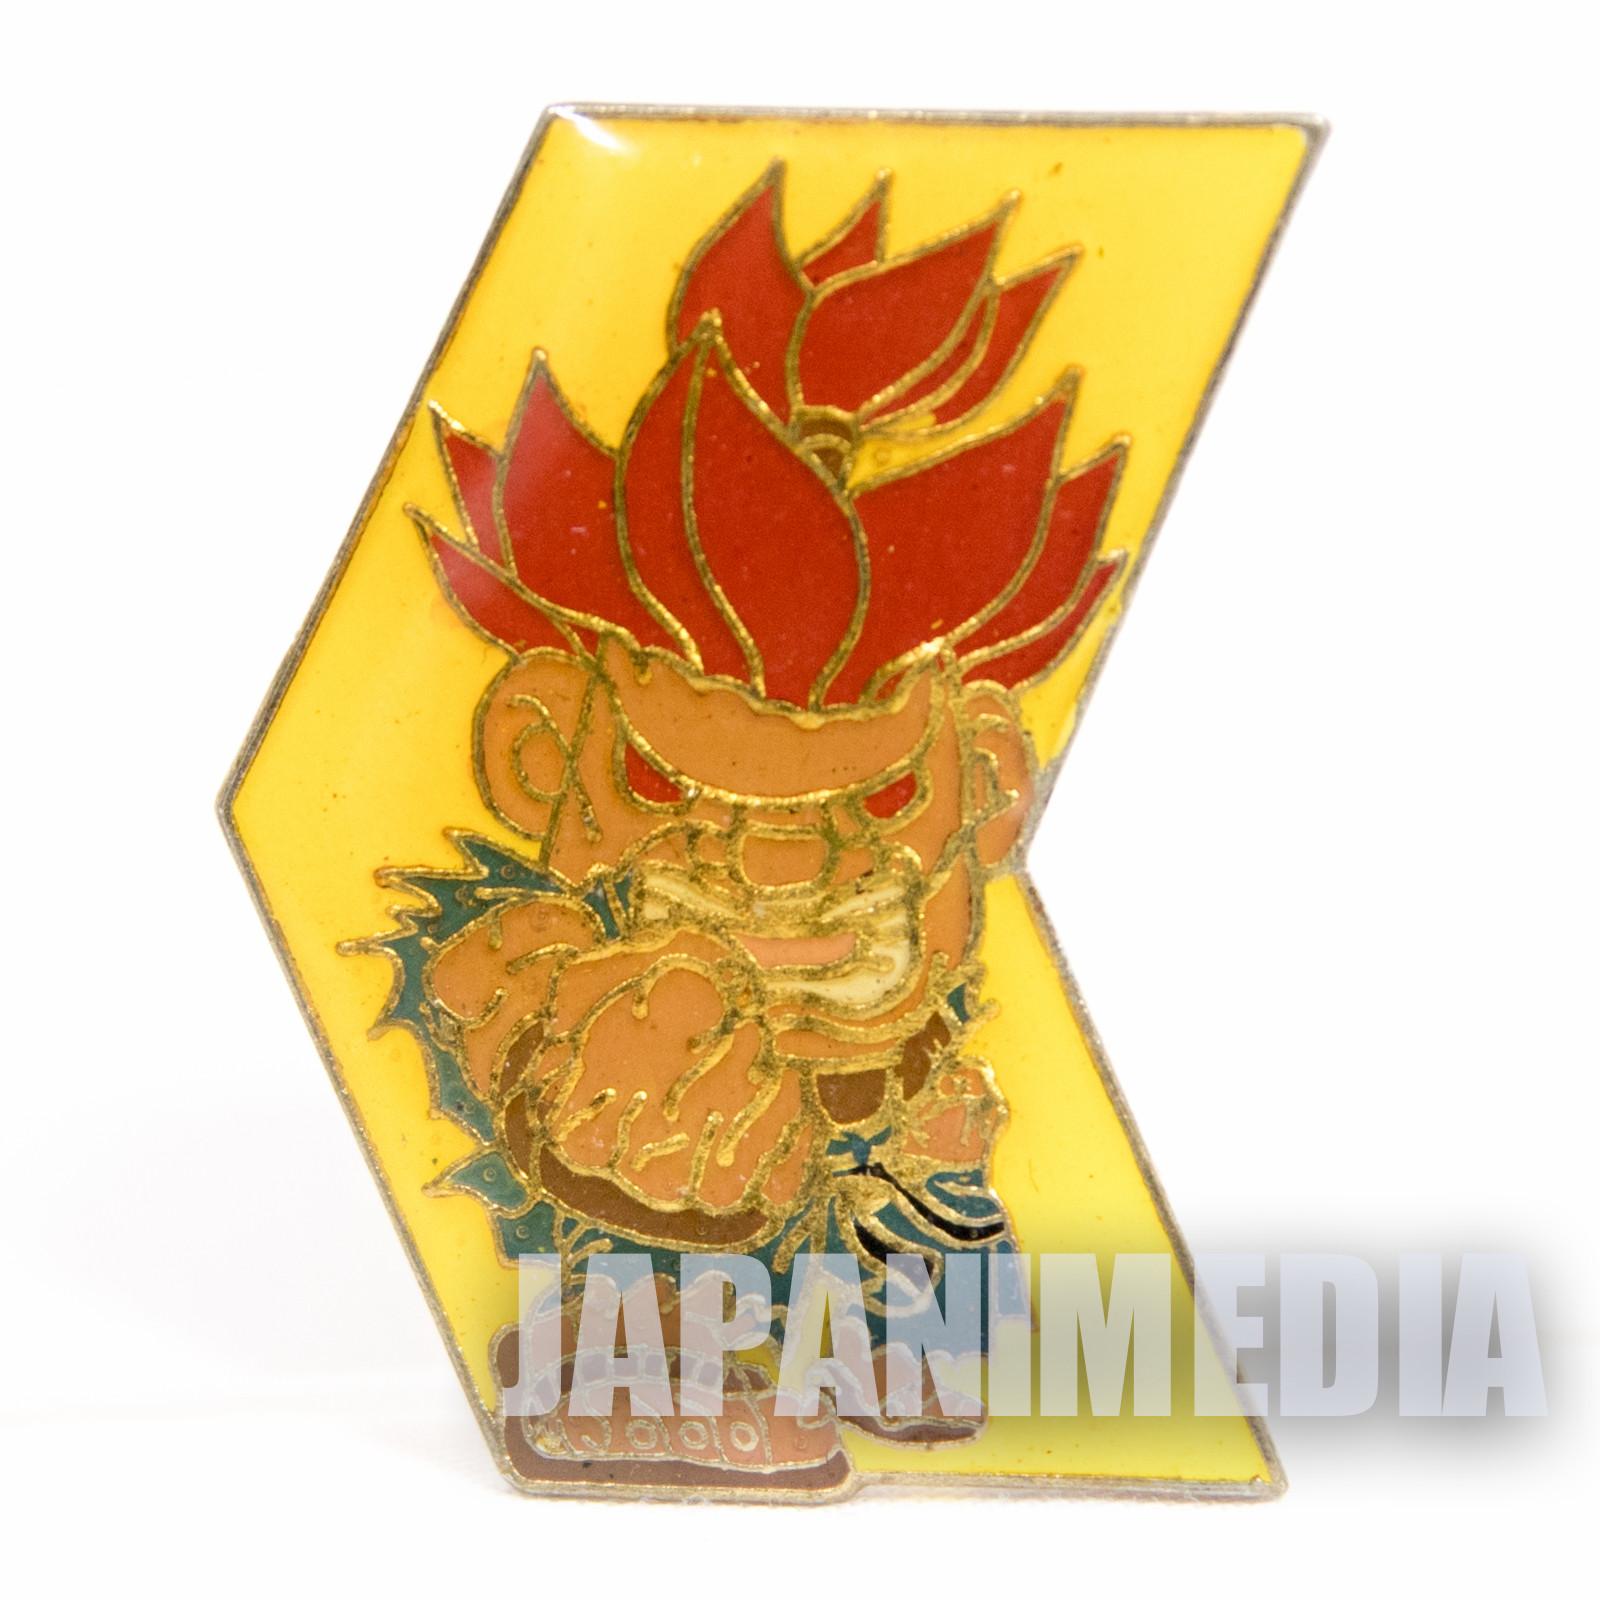 Street Fighter 2 Metal Pins Badge Gouki Akuma Capcom Character JAPAN GAME 3